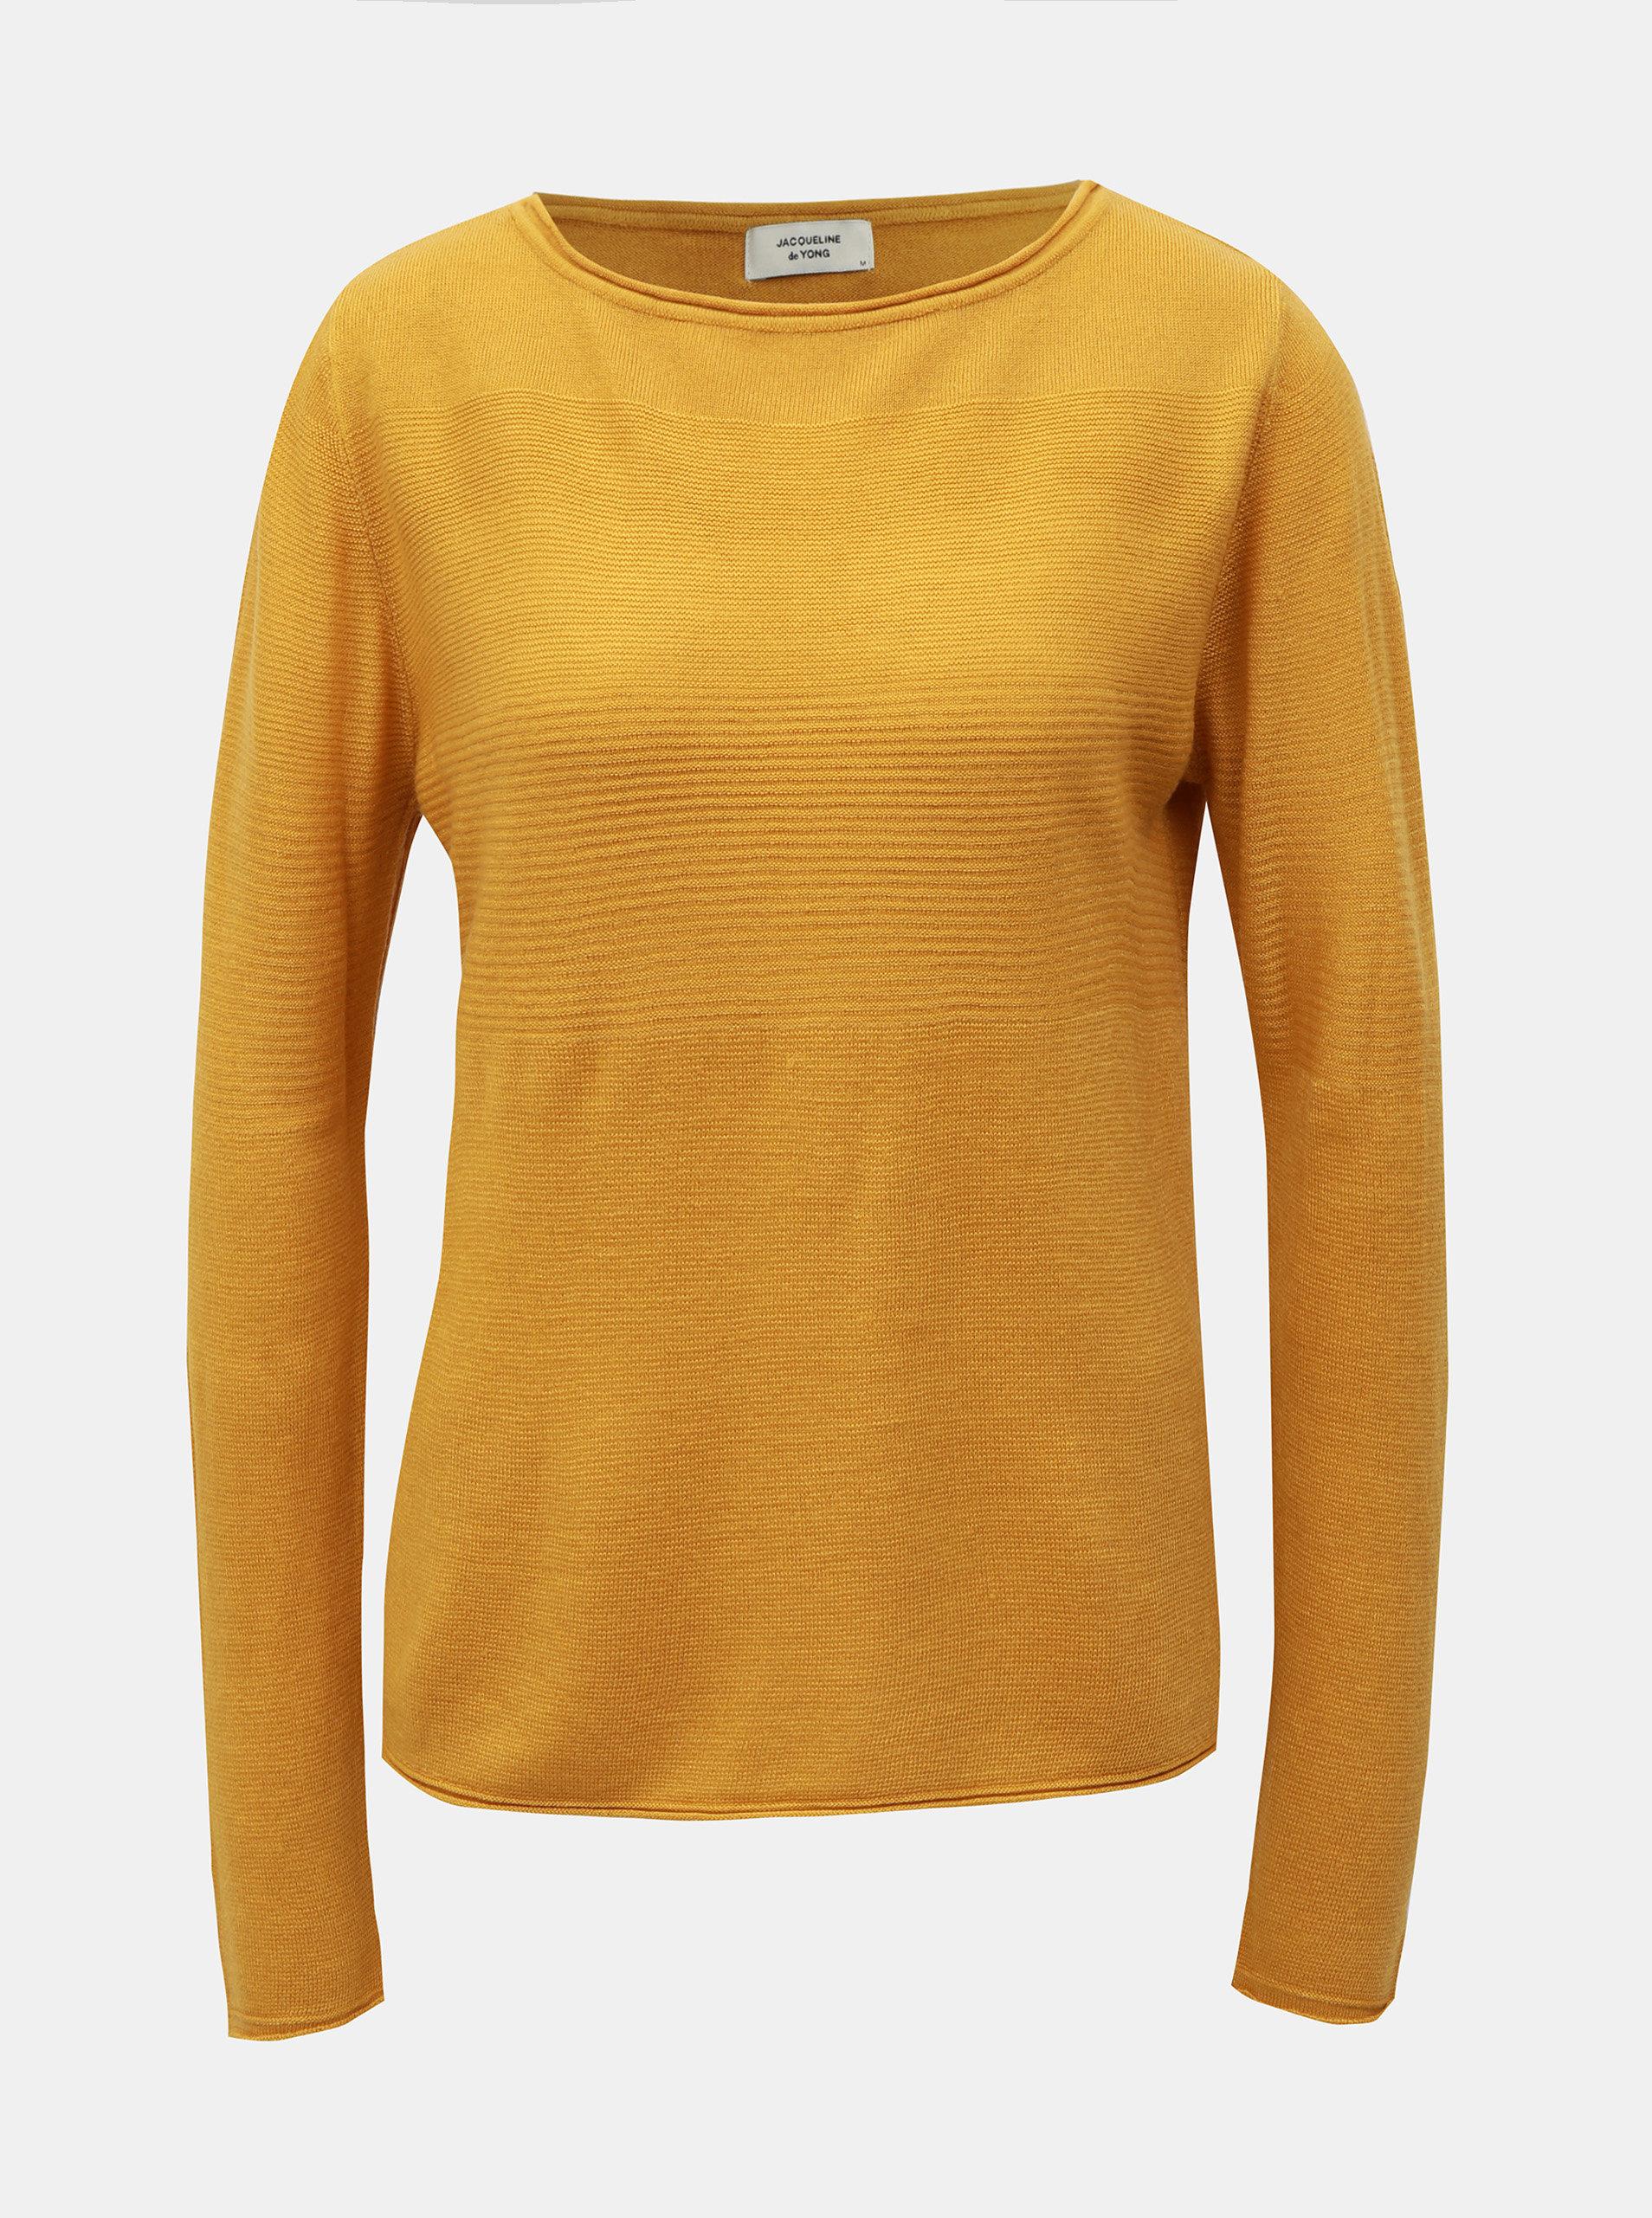 Hořčicový svetr Jacqueline de Yong